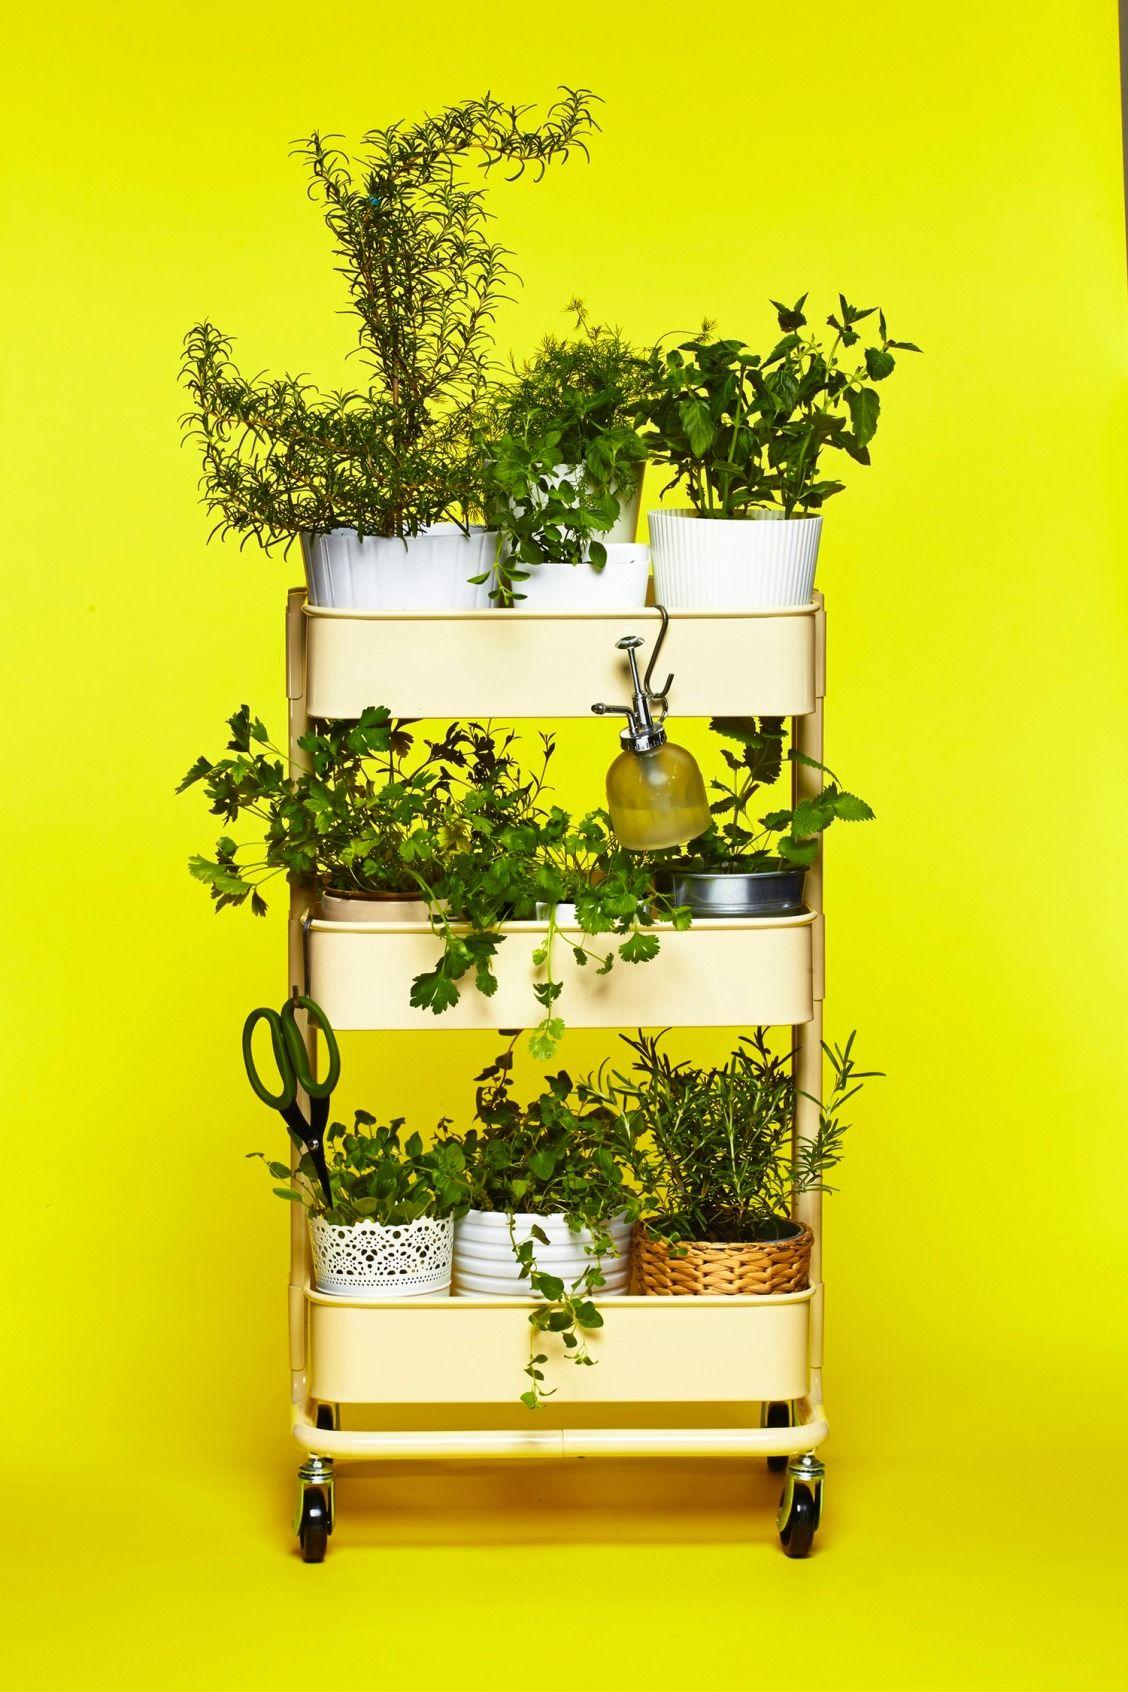 The IKEA RÅSKOG Cart as Herb Garden Herb garden in